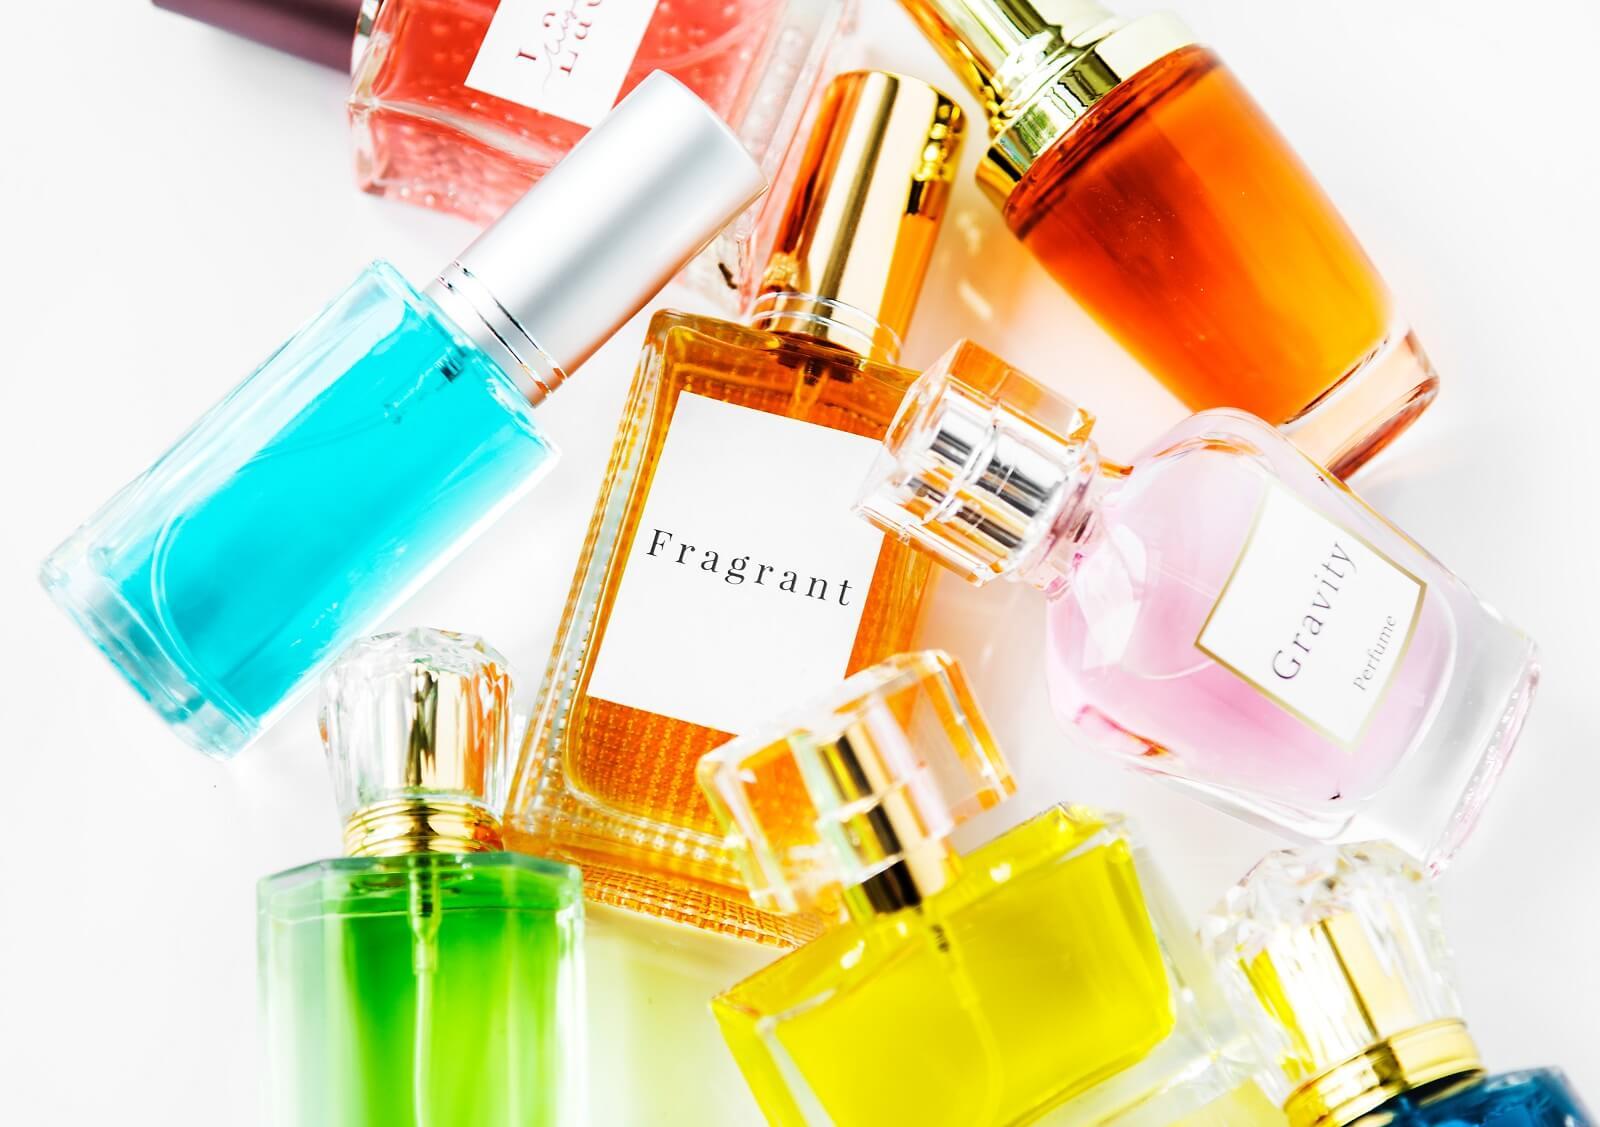 Flakony damskich perfum